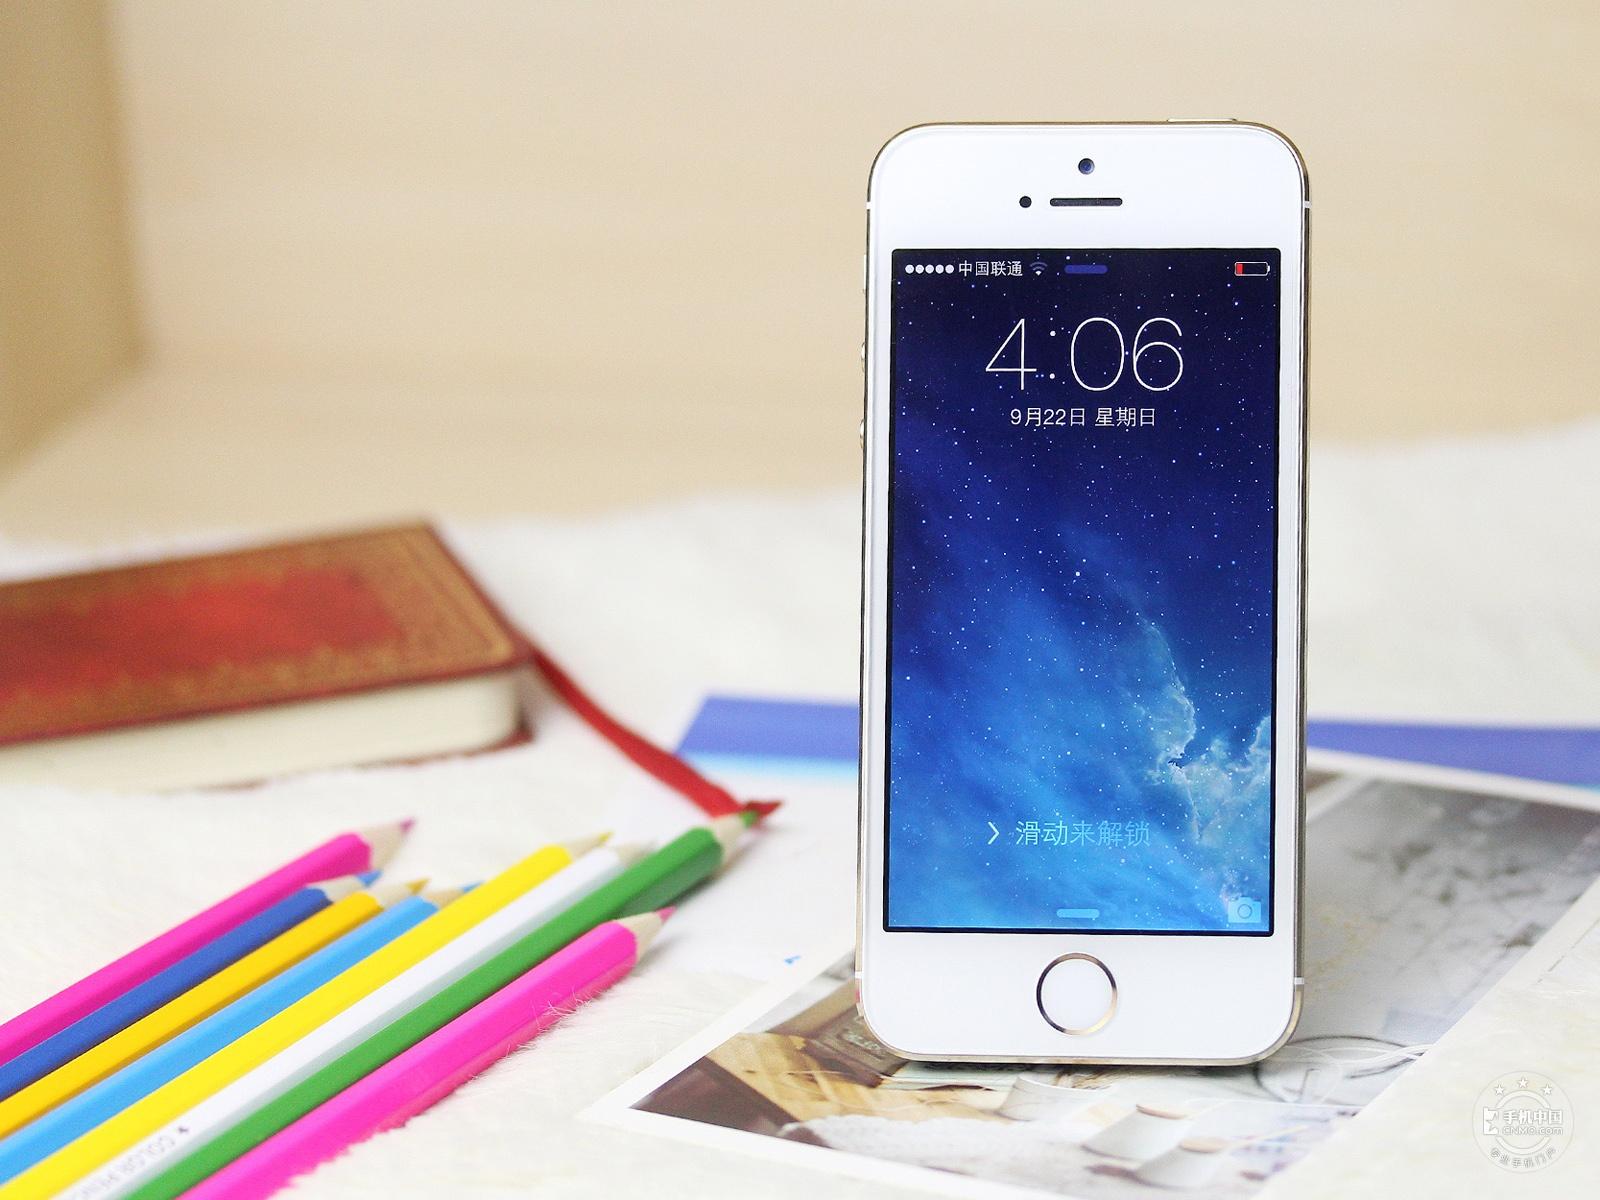 苹果iPhone5s(电信版)整体外观第1张